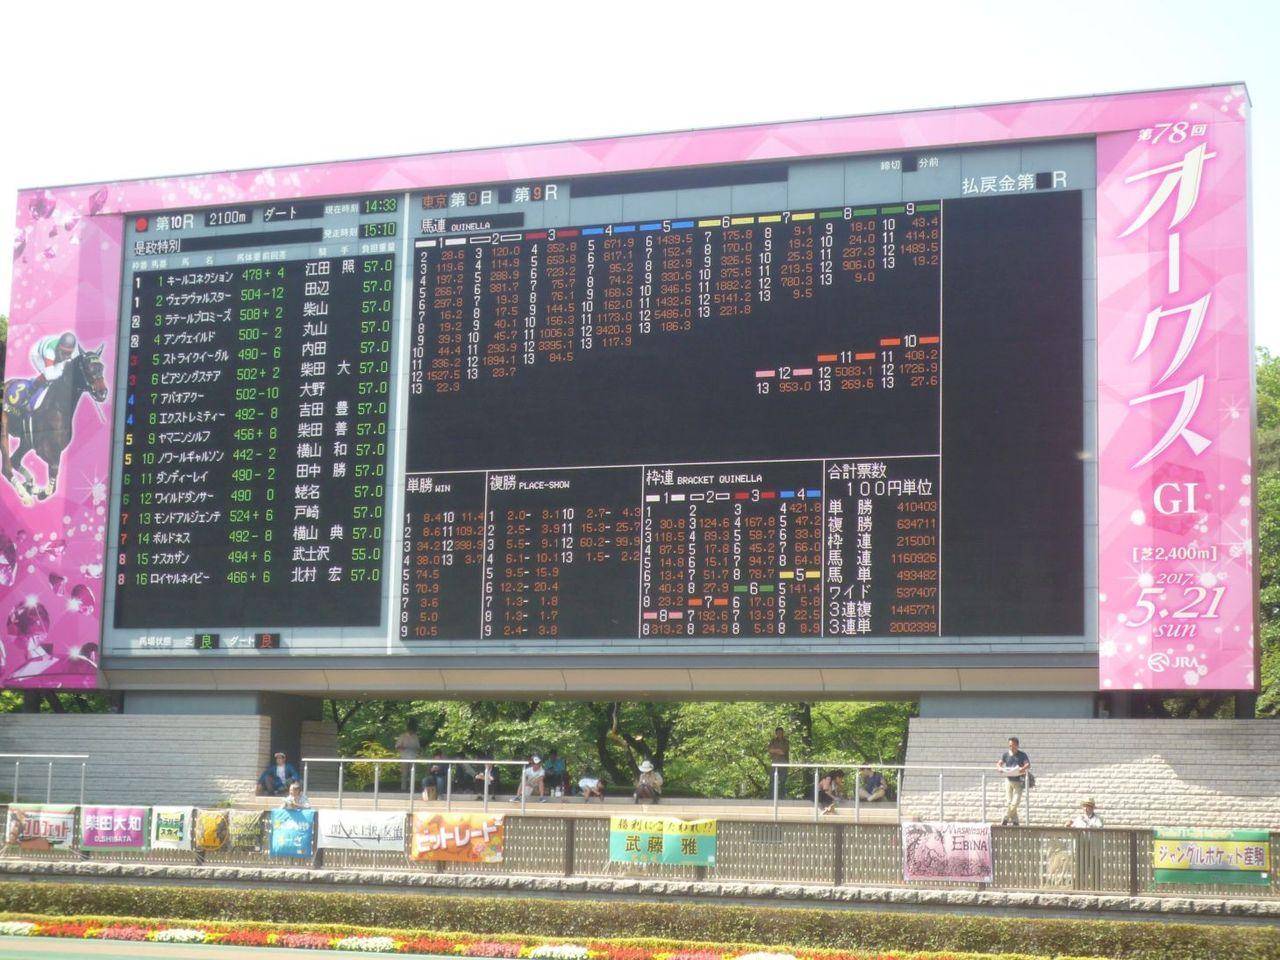 [ストライクイーグル] 4歳5月 13戦目 是政特別!東京競馬場で現地応援! 3